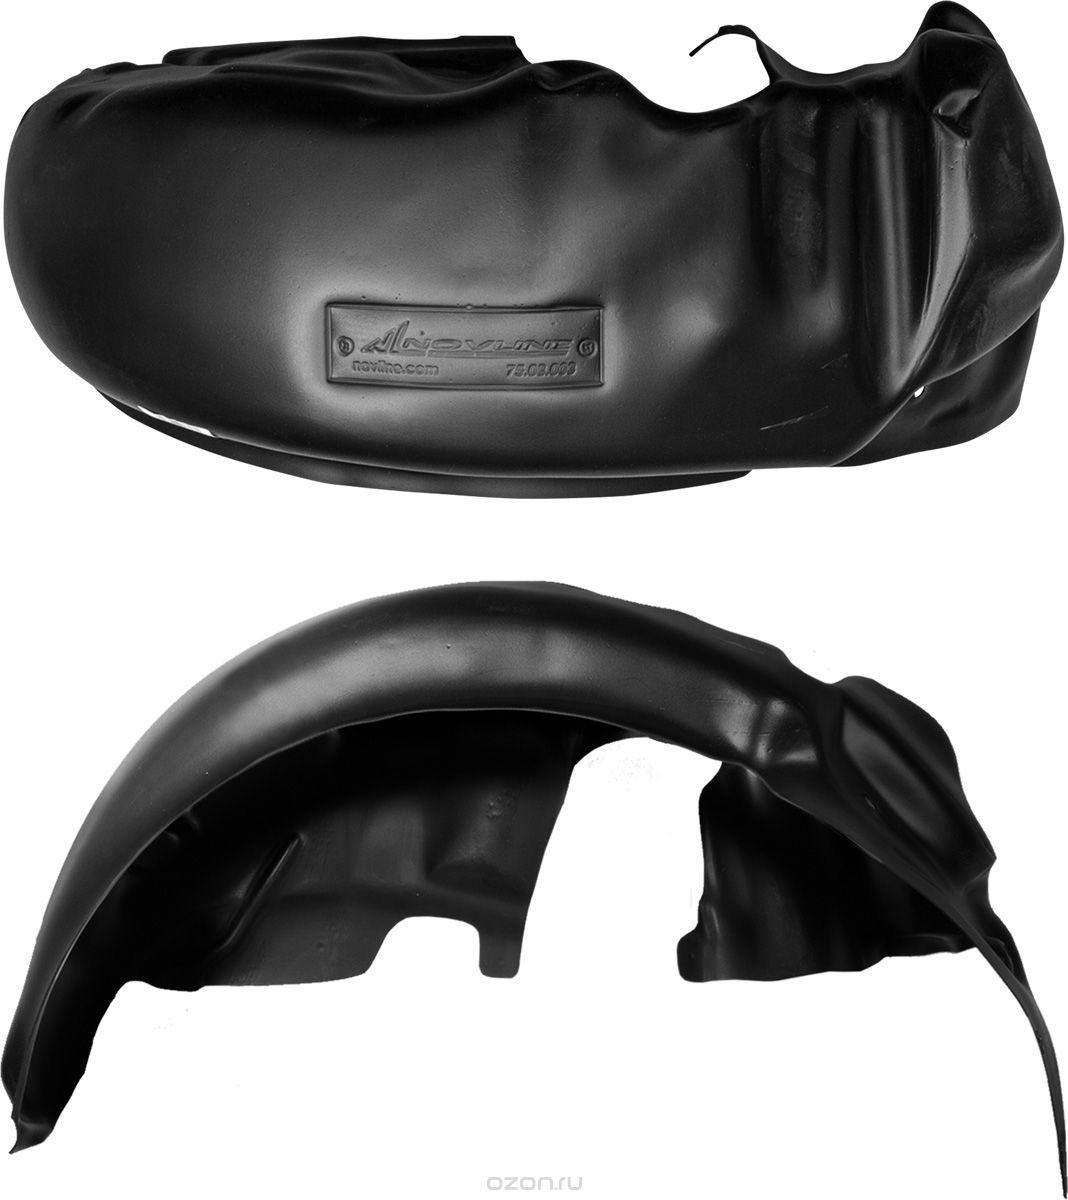 Подкрылок Novline-Autofamily, для TOYOTA Verso , 2012->, задний левыйNLL.48.55.003Идеальная защита колесной ниши. Локеры разработаны с применением цифровых технологий, гарантируют максимальную повторяемость поверхности арки. Изделия устанавливаются без нарушения лакокрасочного покрытия автомобиля, каждый подкрылок комплектуется крепежом. Уважаемые клиенты, обращаем ваше внимание, что фотографии на подкрылки универсальные и не отражают реальную форму изделия. При этом само изделие идет точно под размер указанного автомобиля.